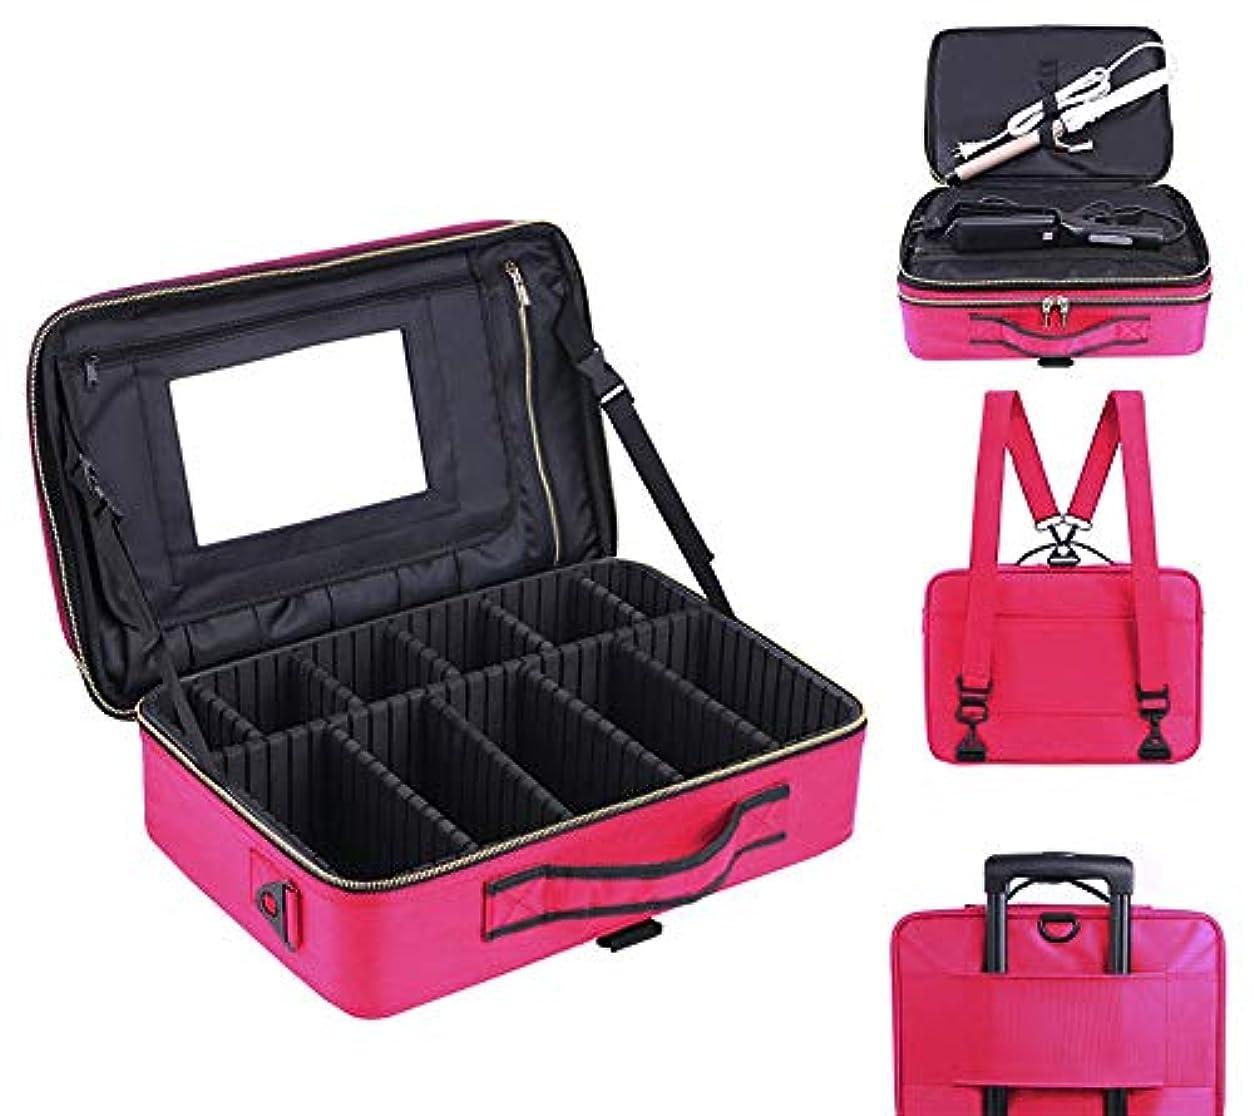 円形の床を掃除する米ドル防水取り外し可能な化粧ケースオックスフォード生地化粧品バッグオーガナイザー収納用男性女性(15.74 x 11.41 x 5.51in)-Pink